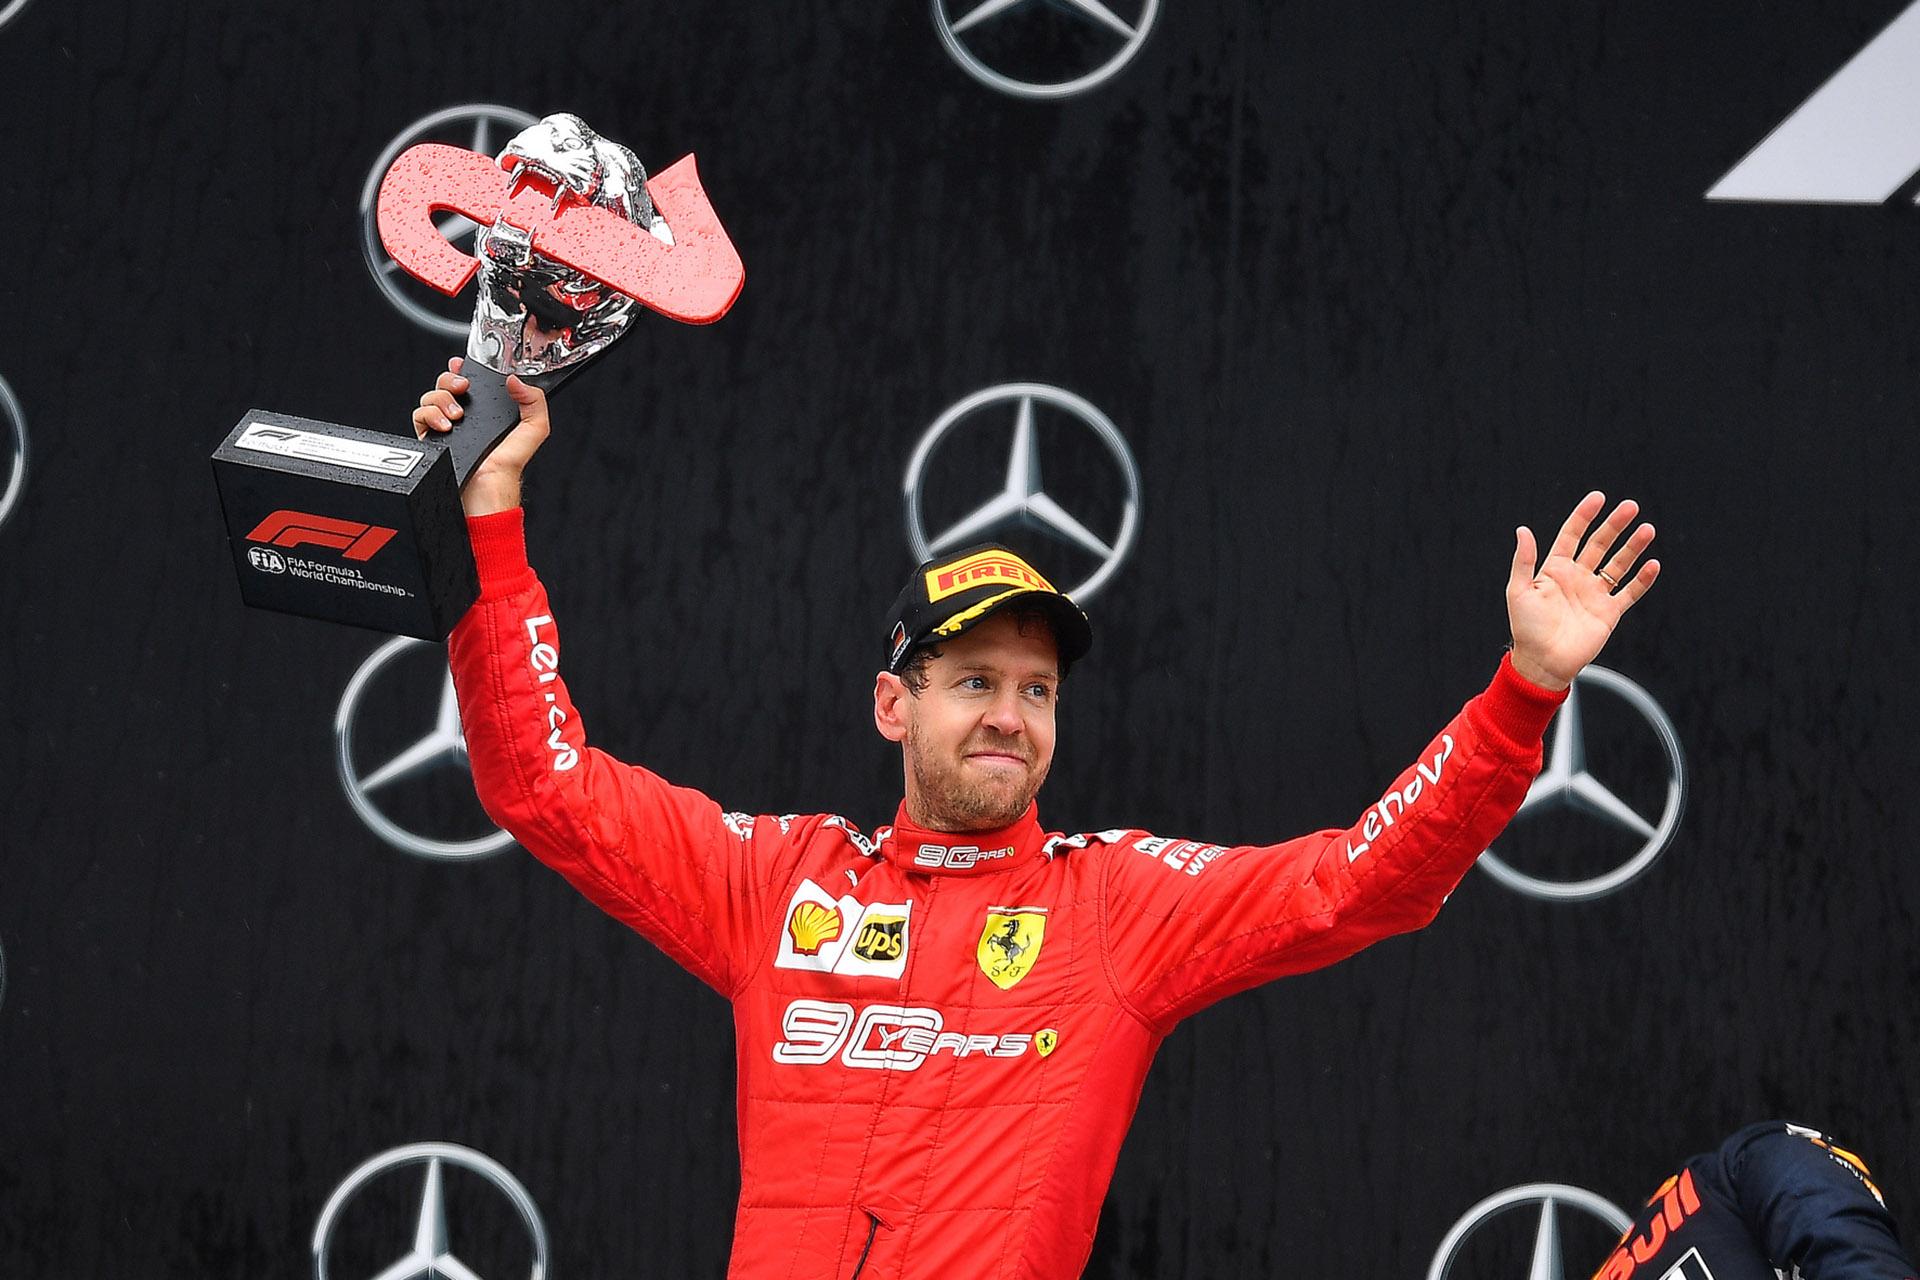 Ferrari-Pilot Sebastian Vettel (Heppenheim) wird nach toller Aufholjagd Zweiter in Hockenheim (von Fotograf Thorsten Horn)